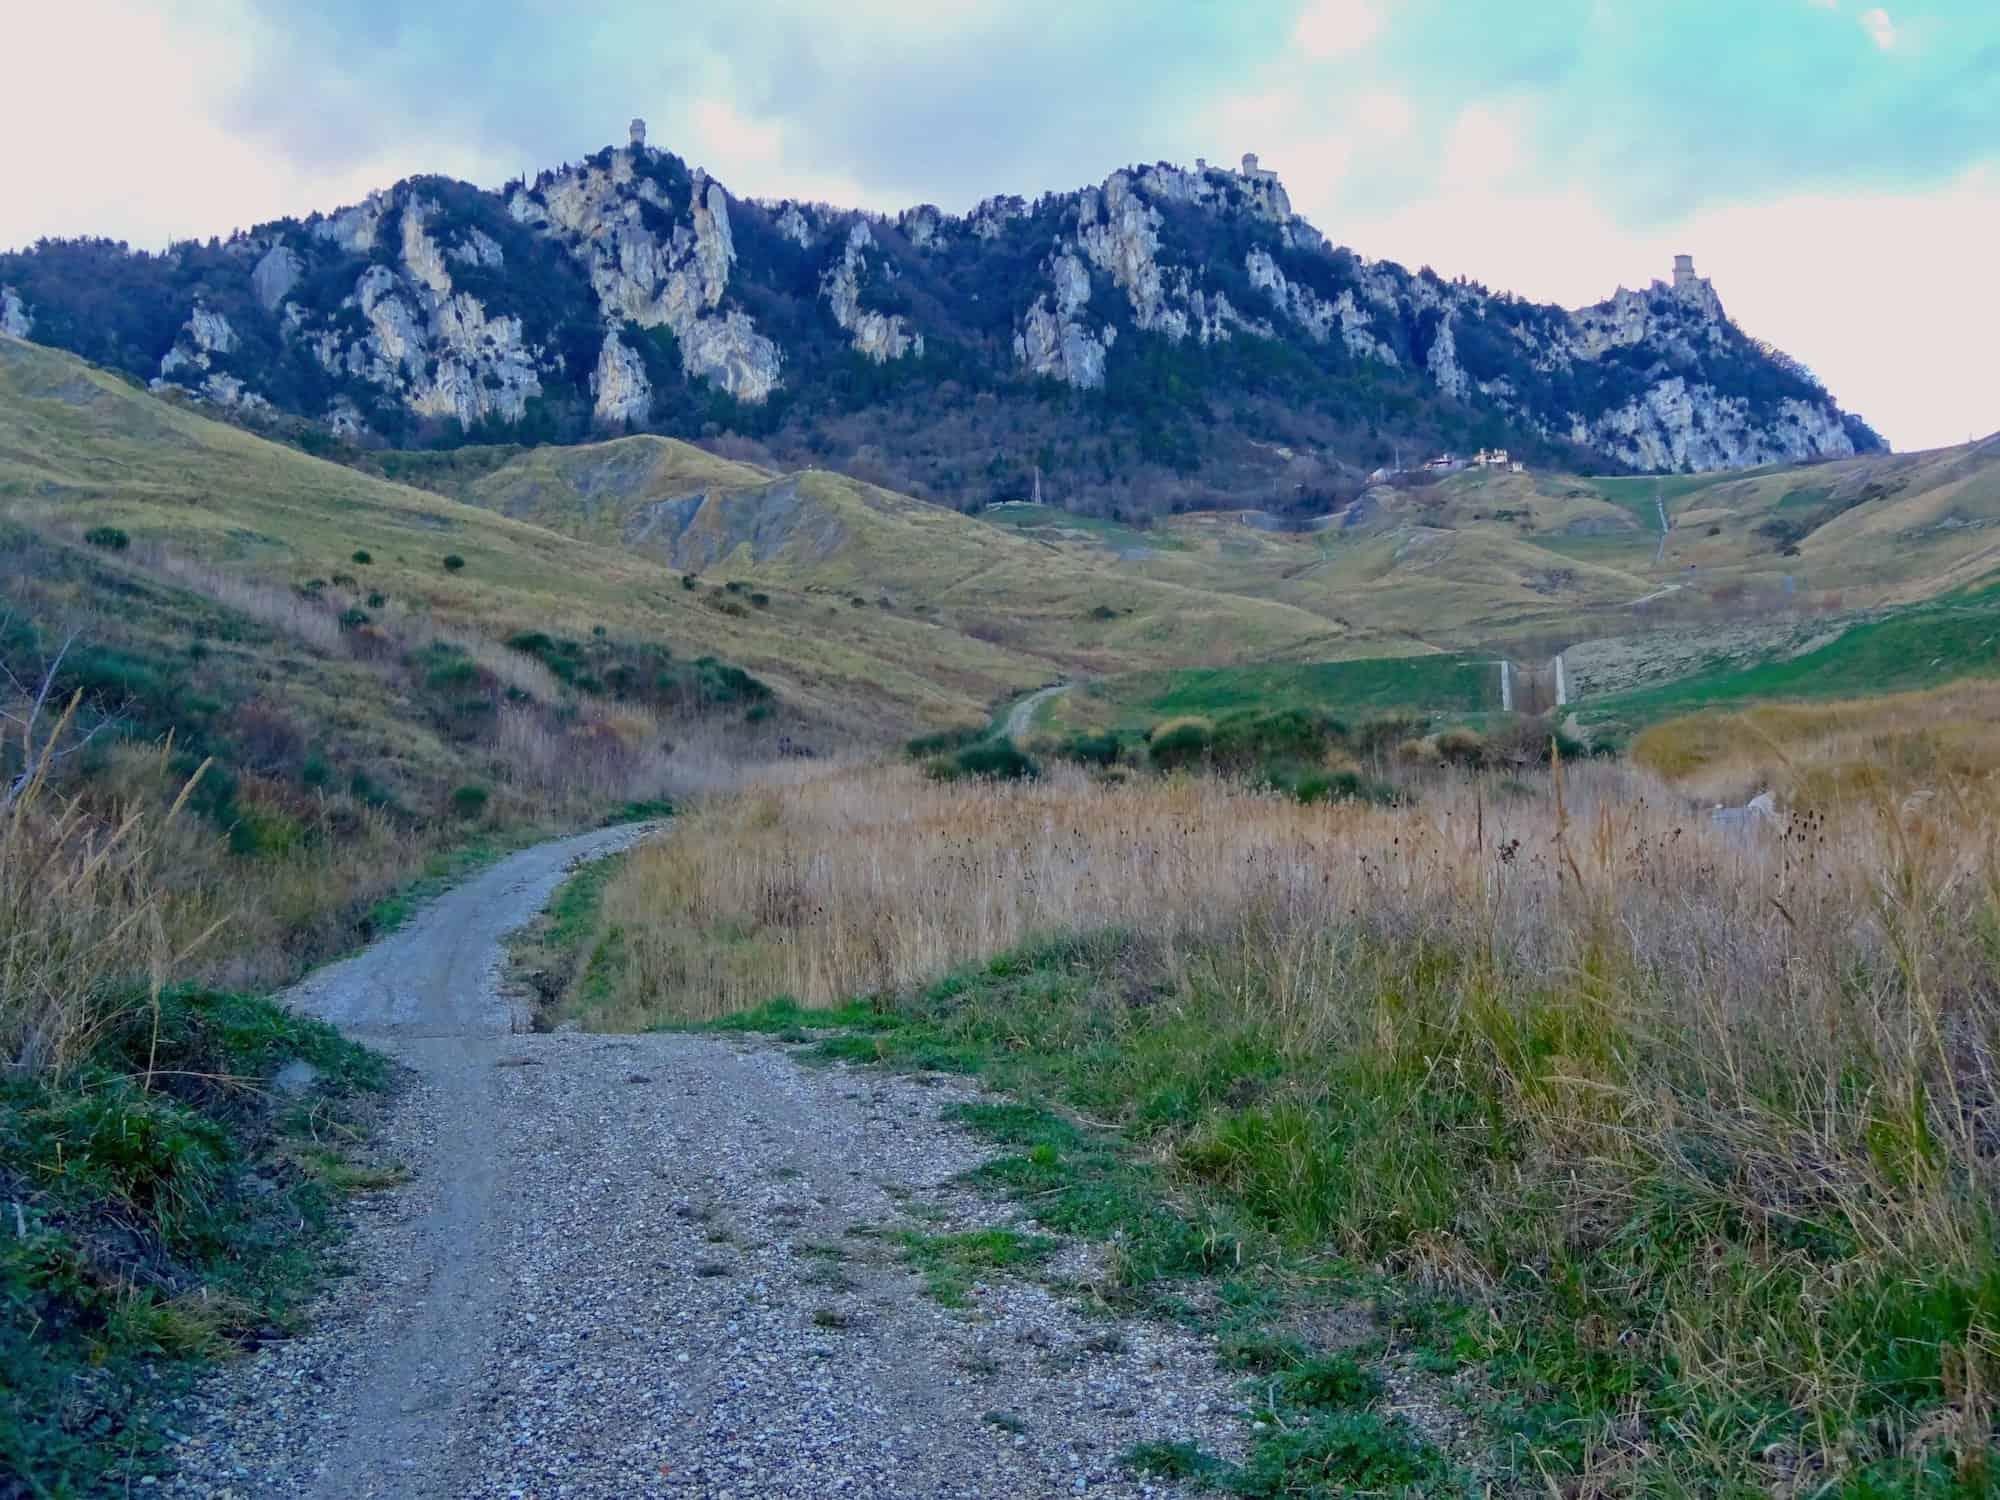 carta dei sentieri visite guidate guide turistiche rete sentieristica cammino del titano cai trekking camminata passeggiata percorsi itinerari repubblica di san marino